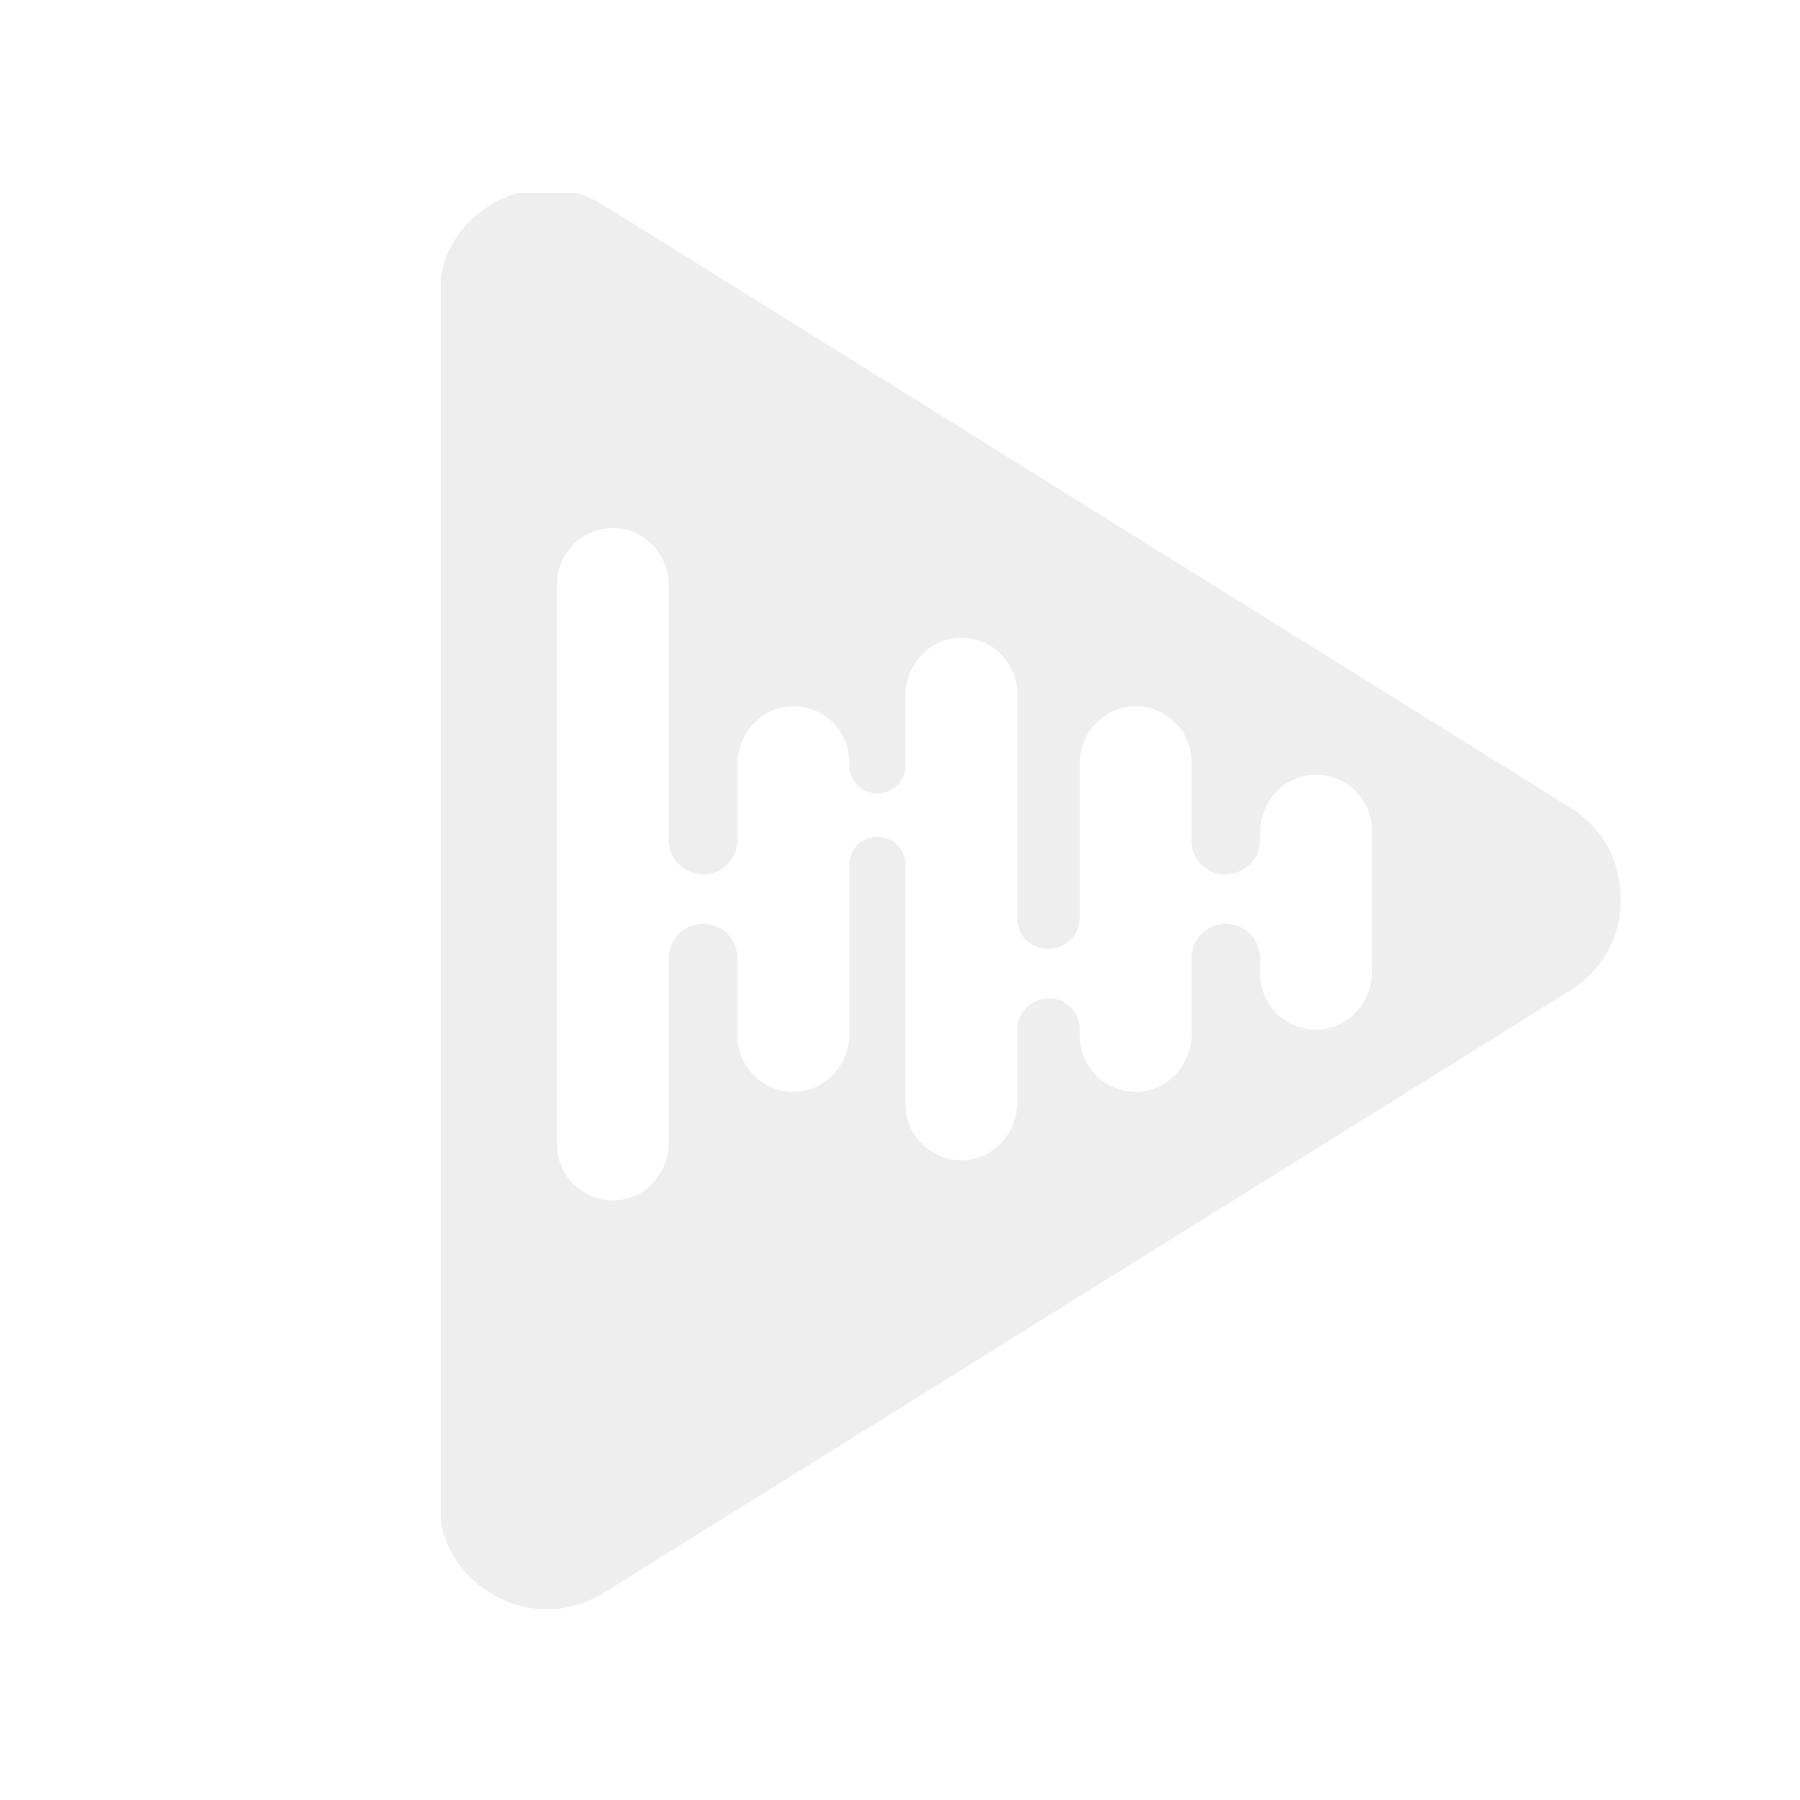 Canton SUB 600 - Hvit